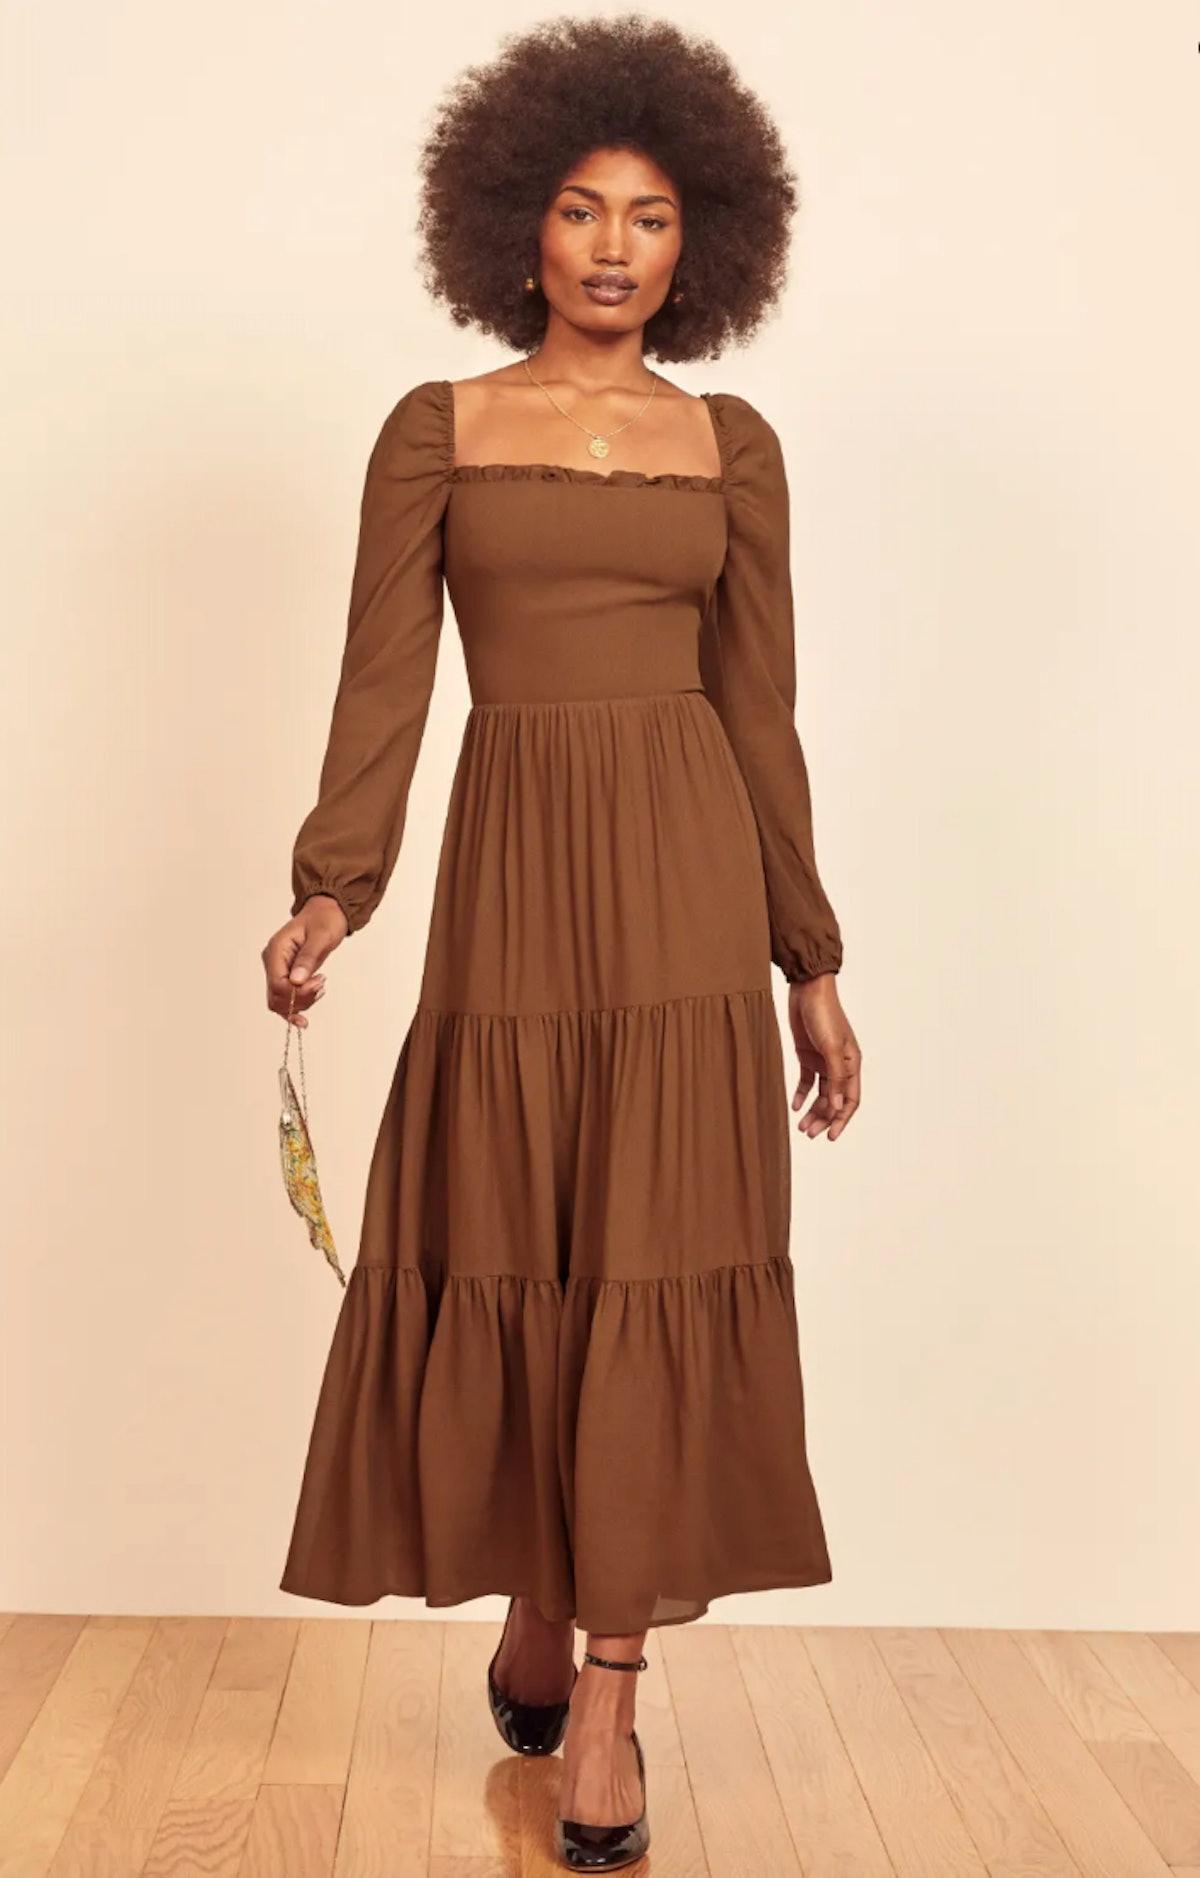 Reformation's Kellie Dress in cinnamon.